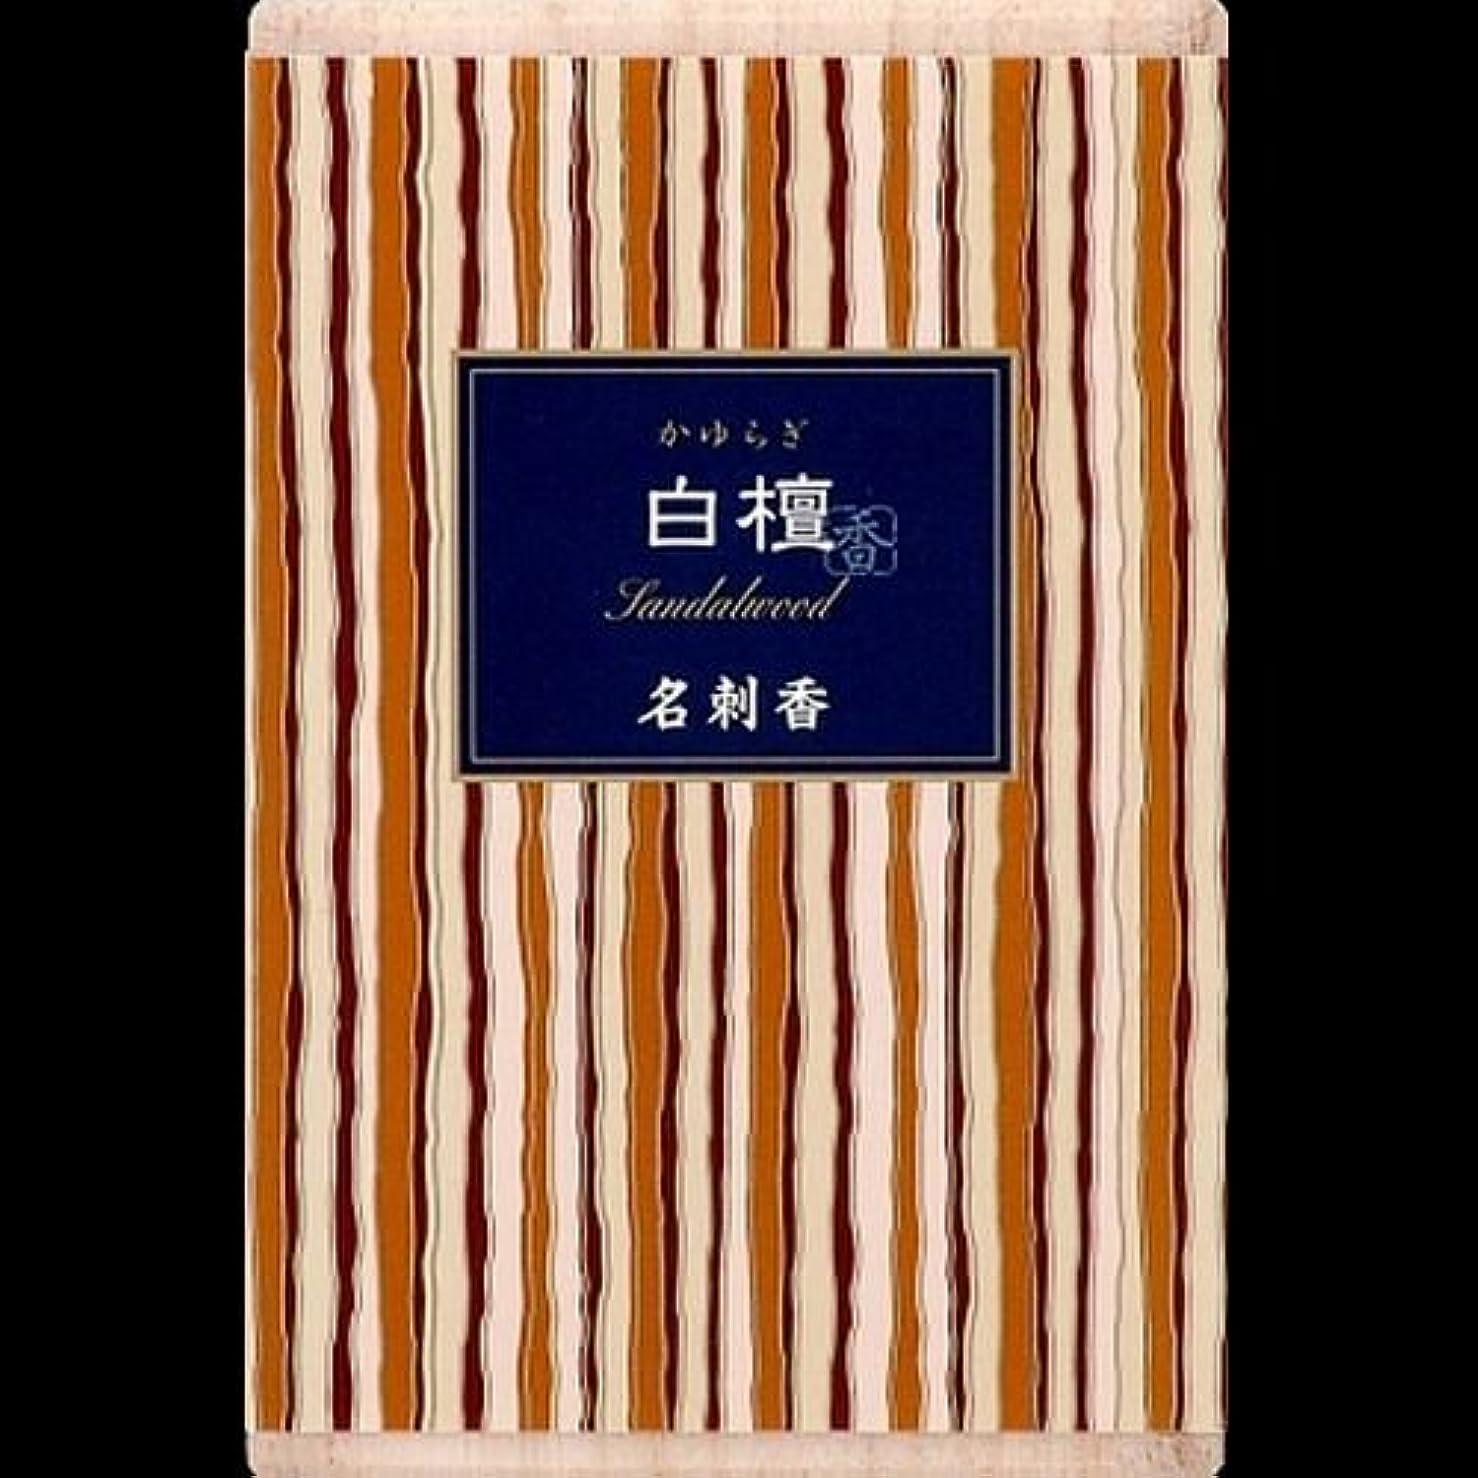 筋組オリエント【まとめ買い】かゆらぎ 白檀 名刺香 桐箱 6入 ×2セット